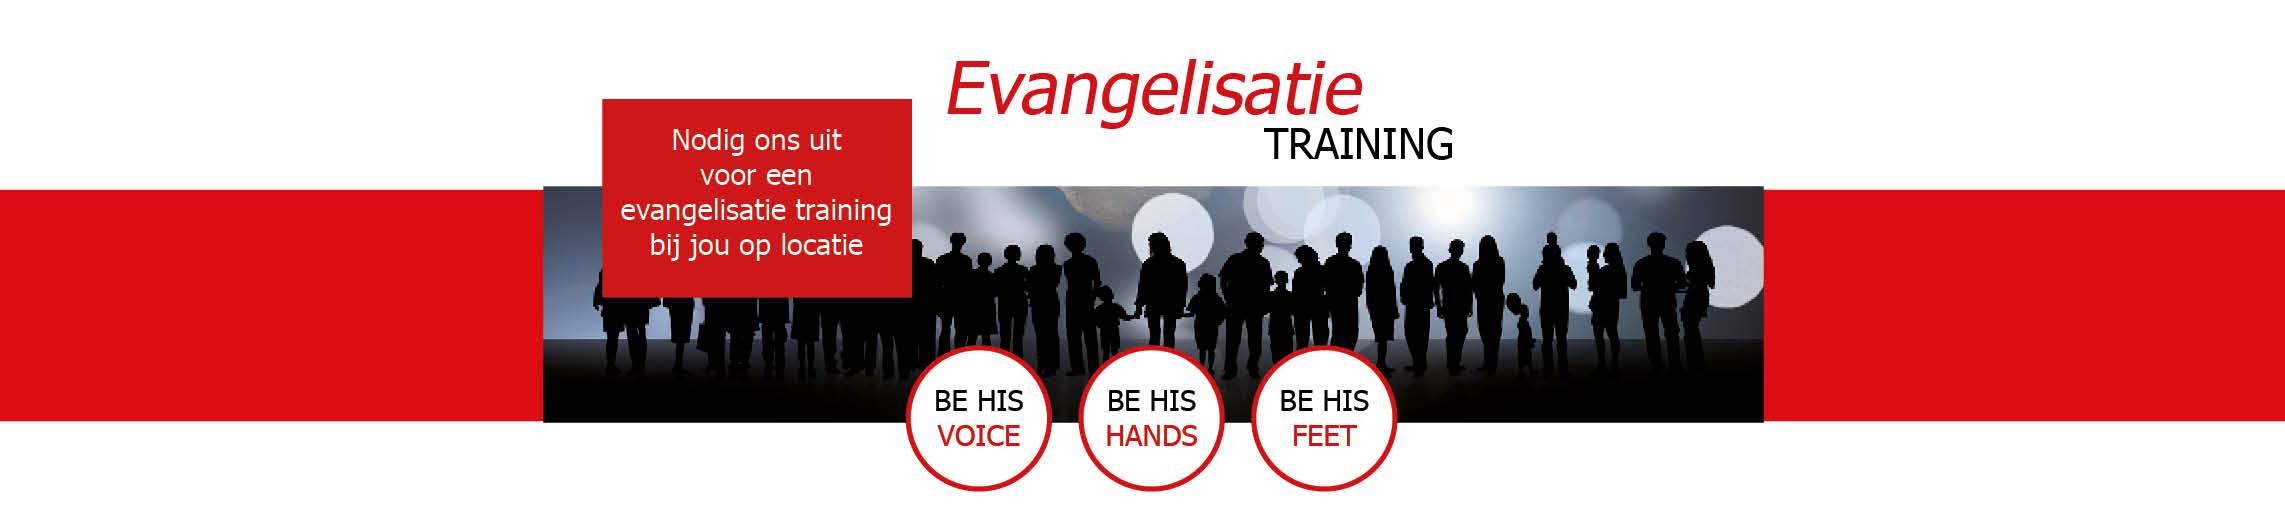 evangelisatietrainingmaster